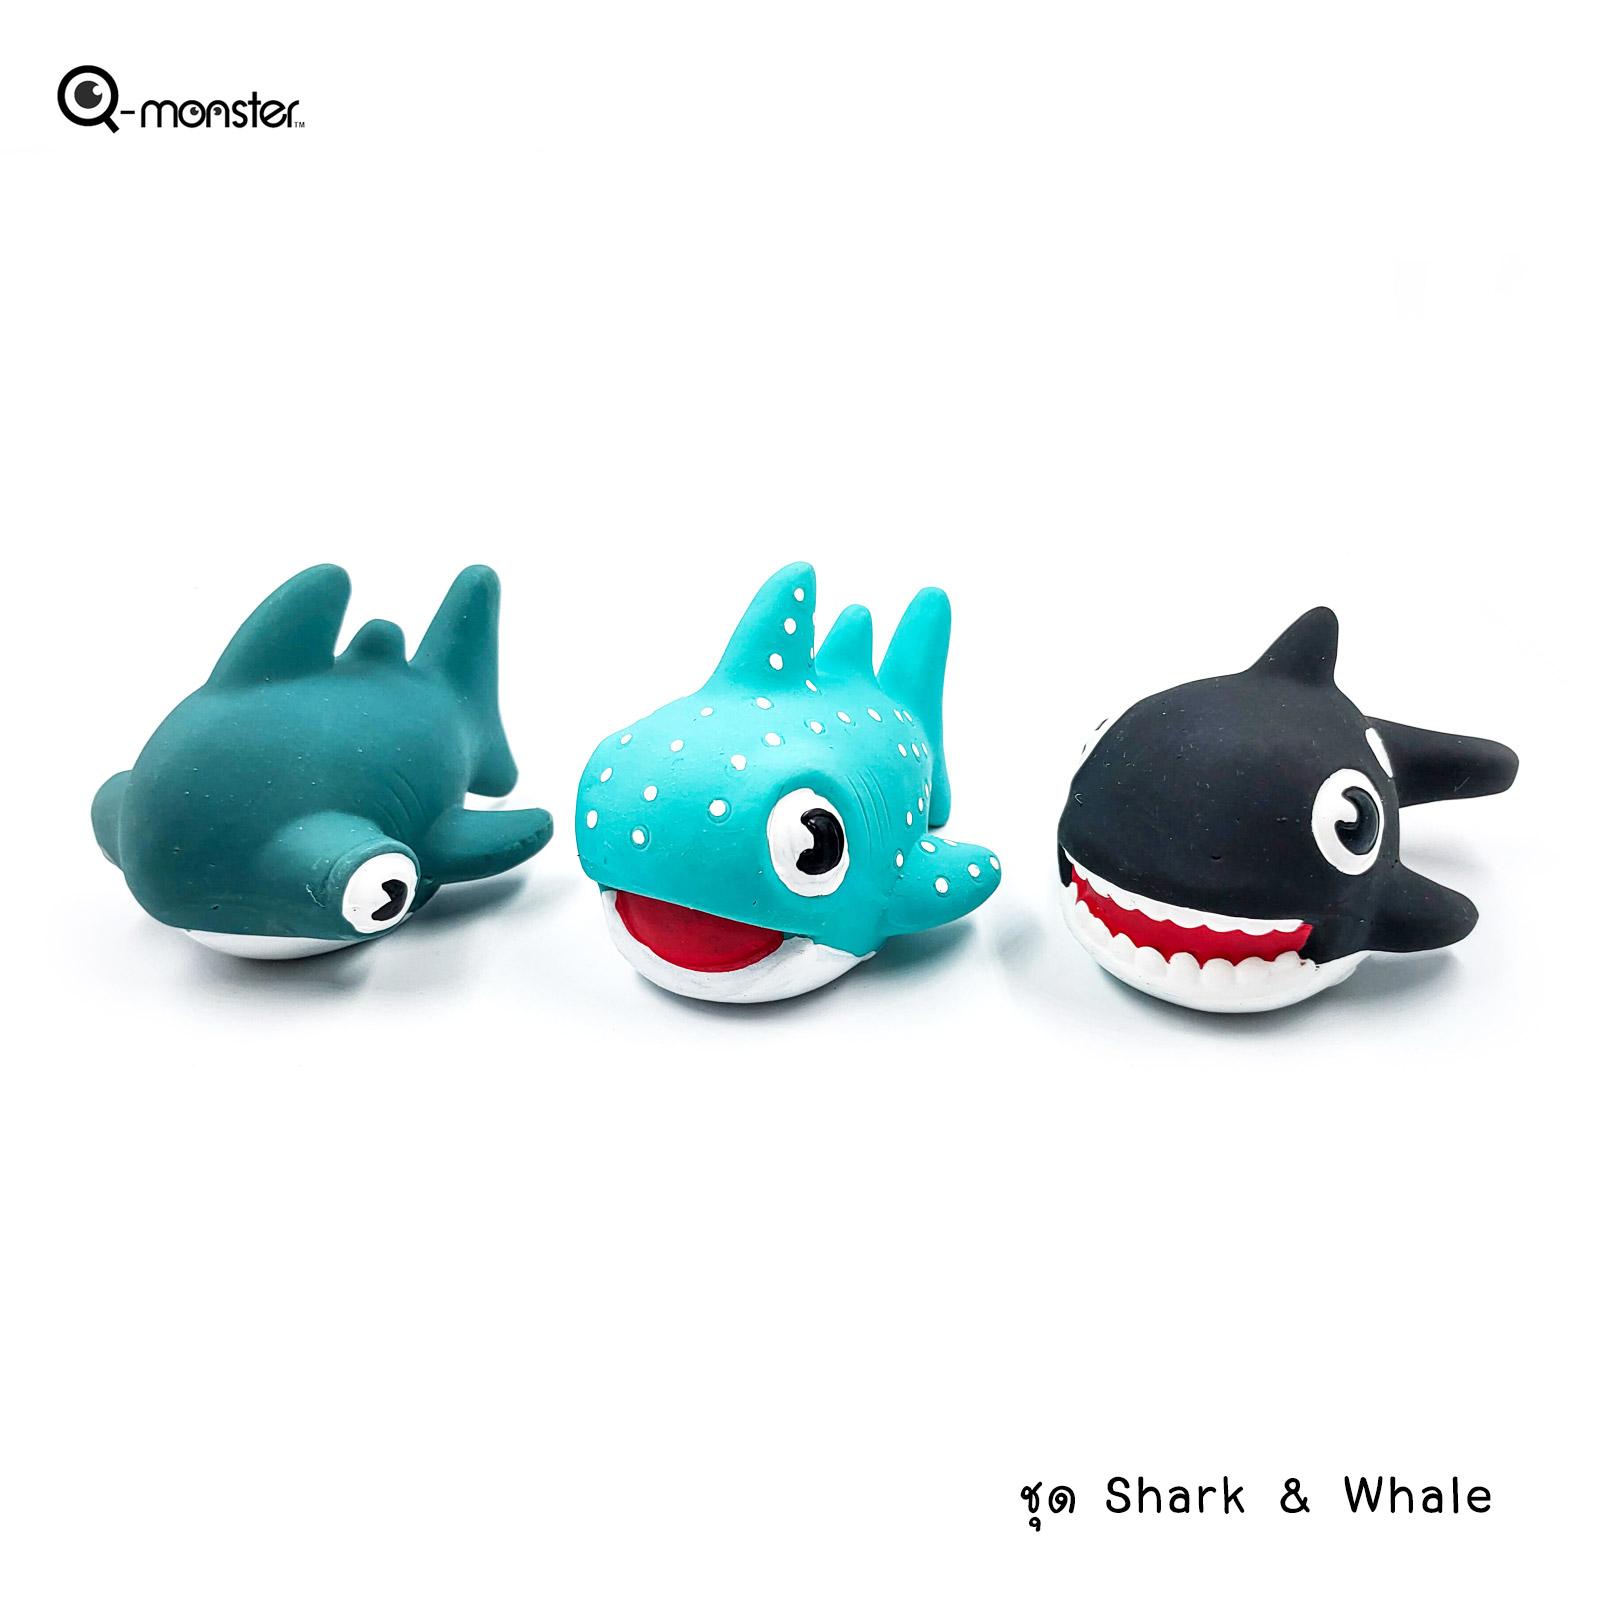 Q-monster Shark & Whale ของเล่นสุนัข ชุดฉลามและปลาวาฬ ทำจากยางพารา กัดมันส์  เคี้ยวเพลิน มีเสียงร้องเวลากัด ทนทาน